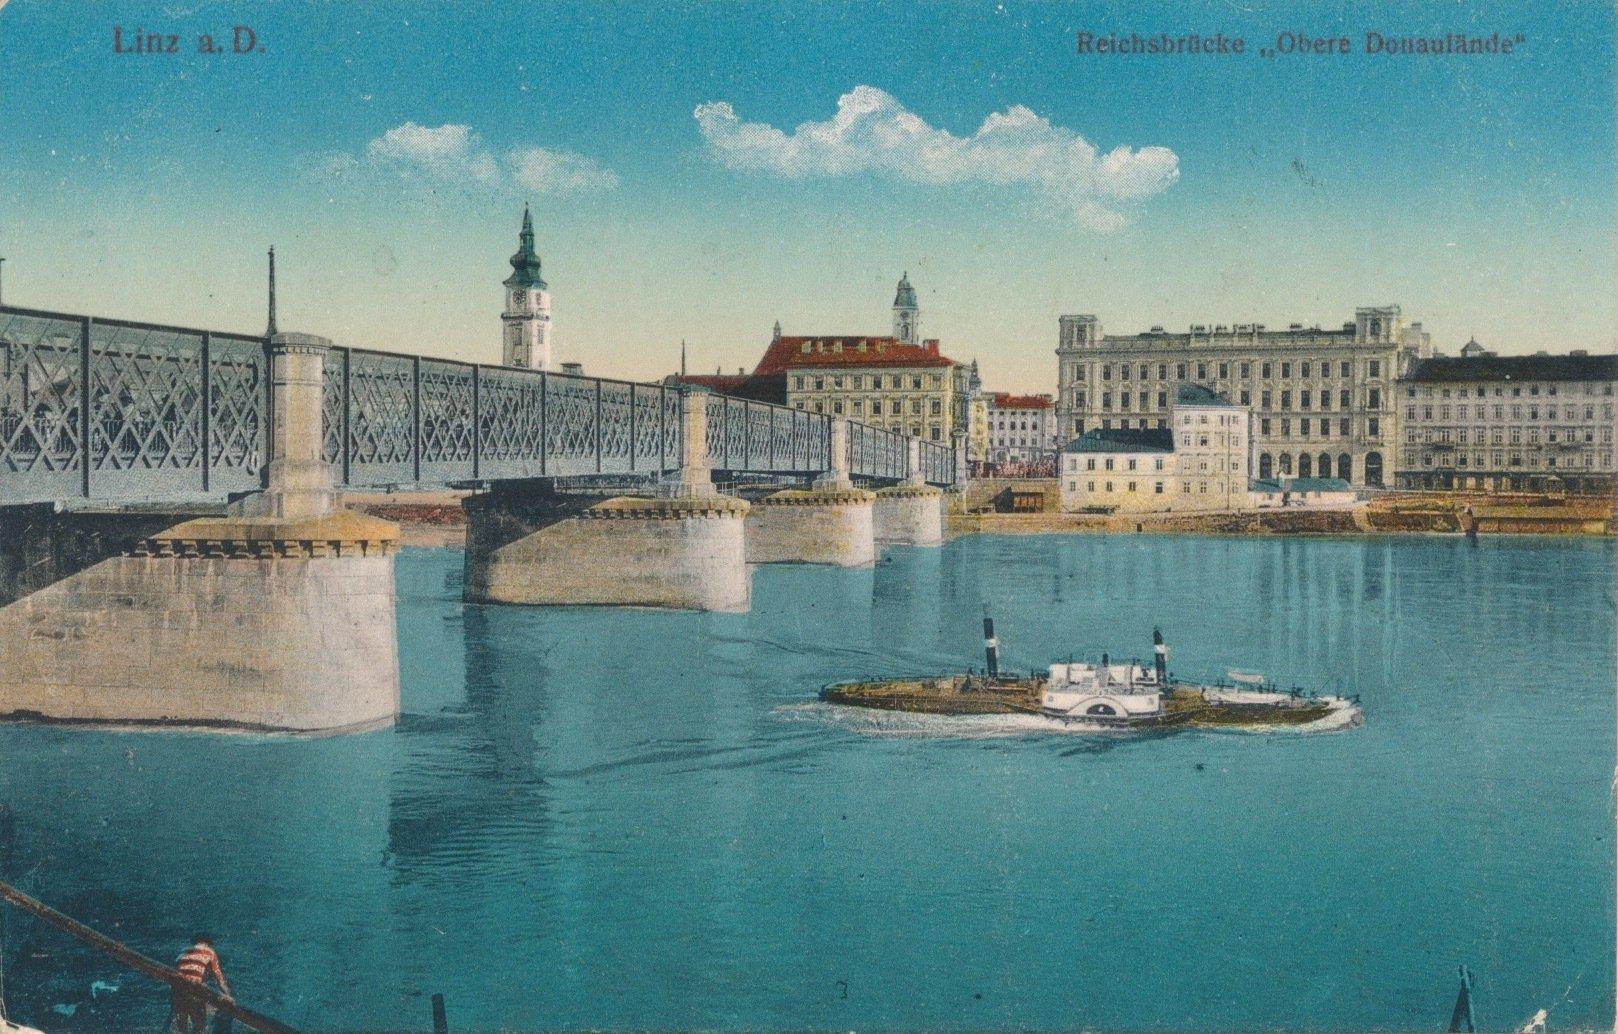 Brücke, Häuser, türkisblauer Fluss und Schiff.